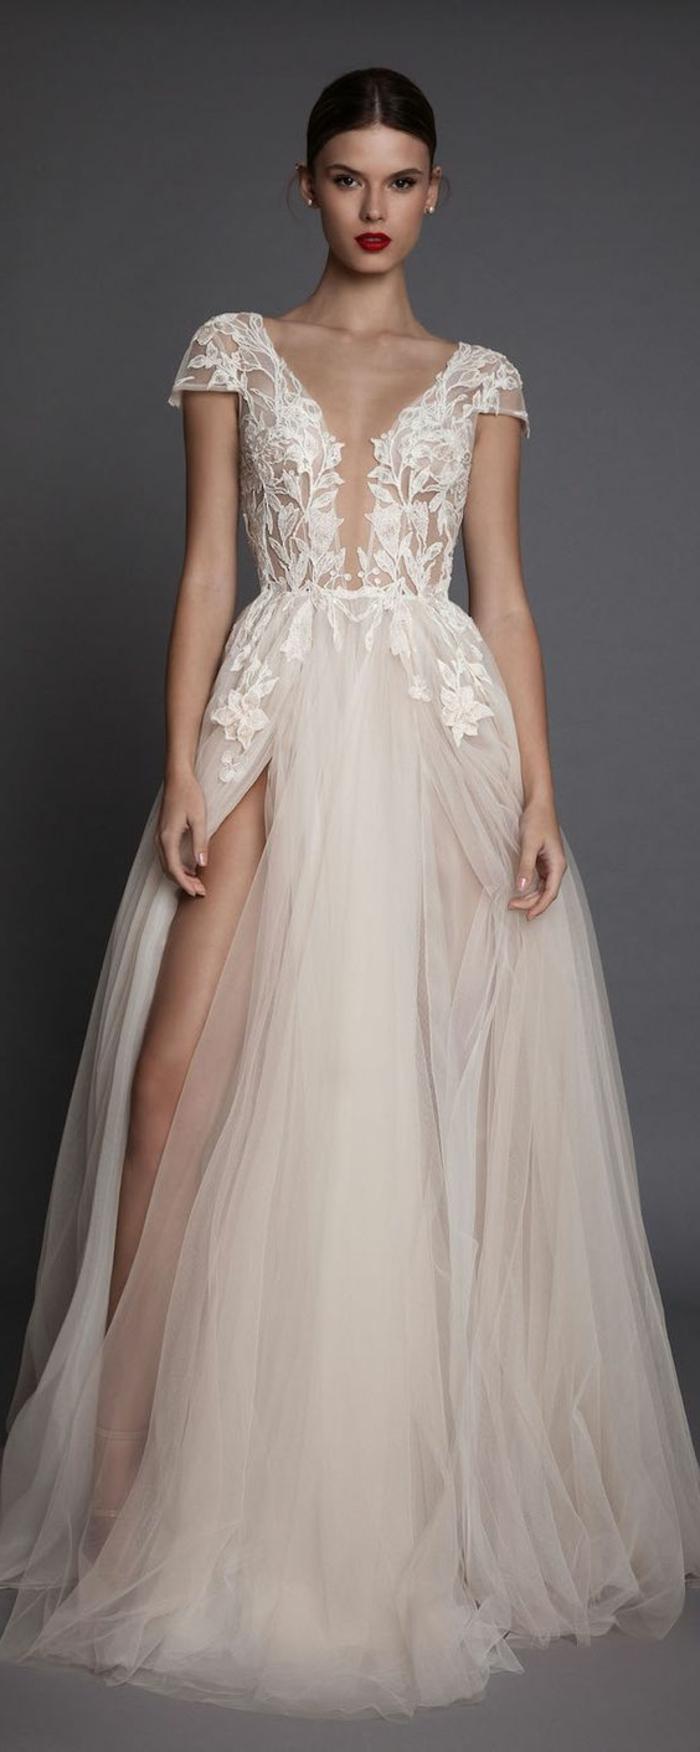 robe mariée couleur, décolleté triangulaire, manches, dentelle et grande fente